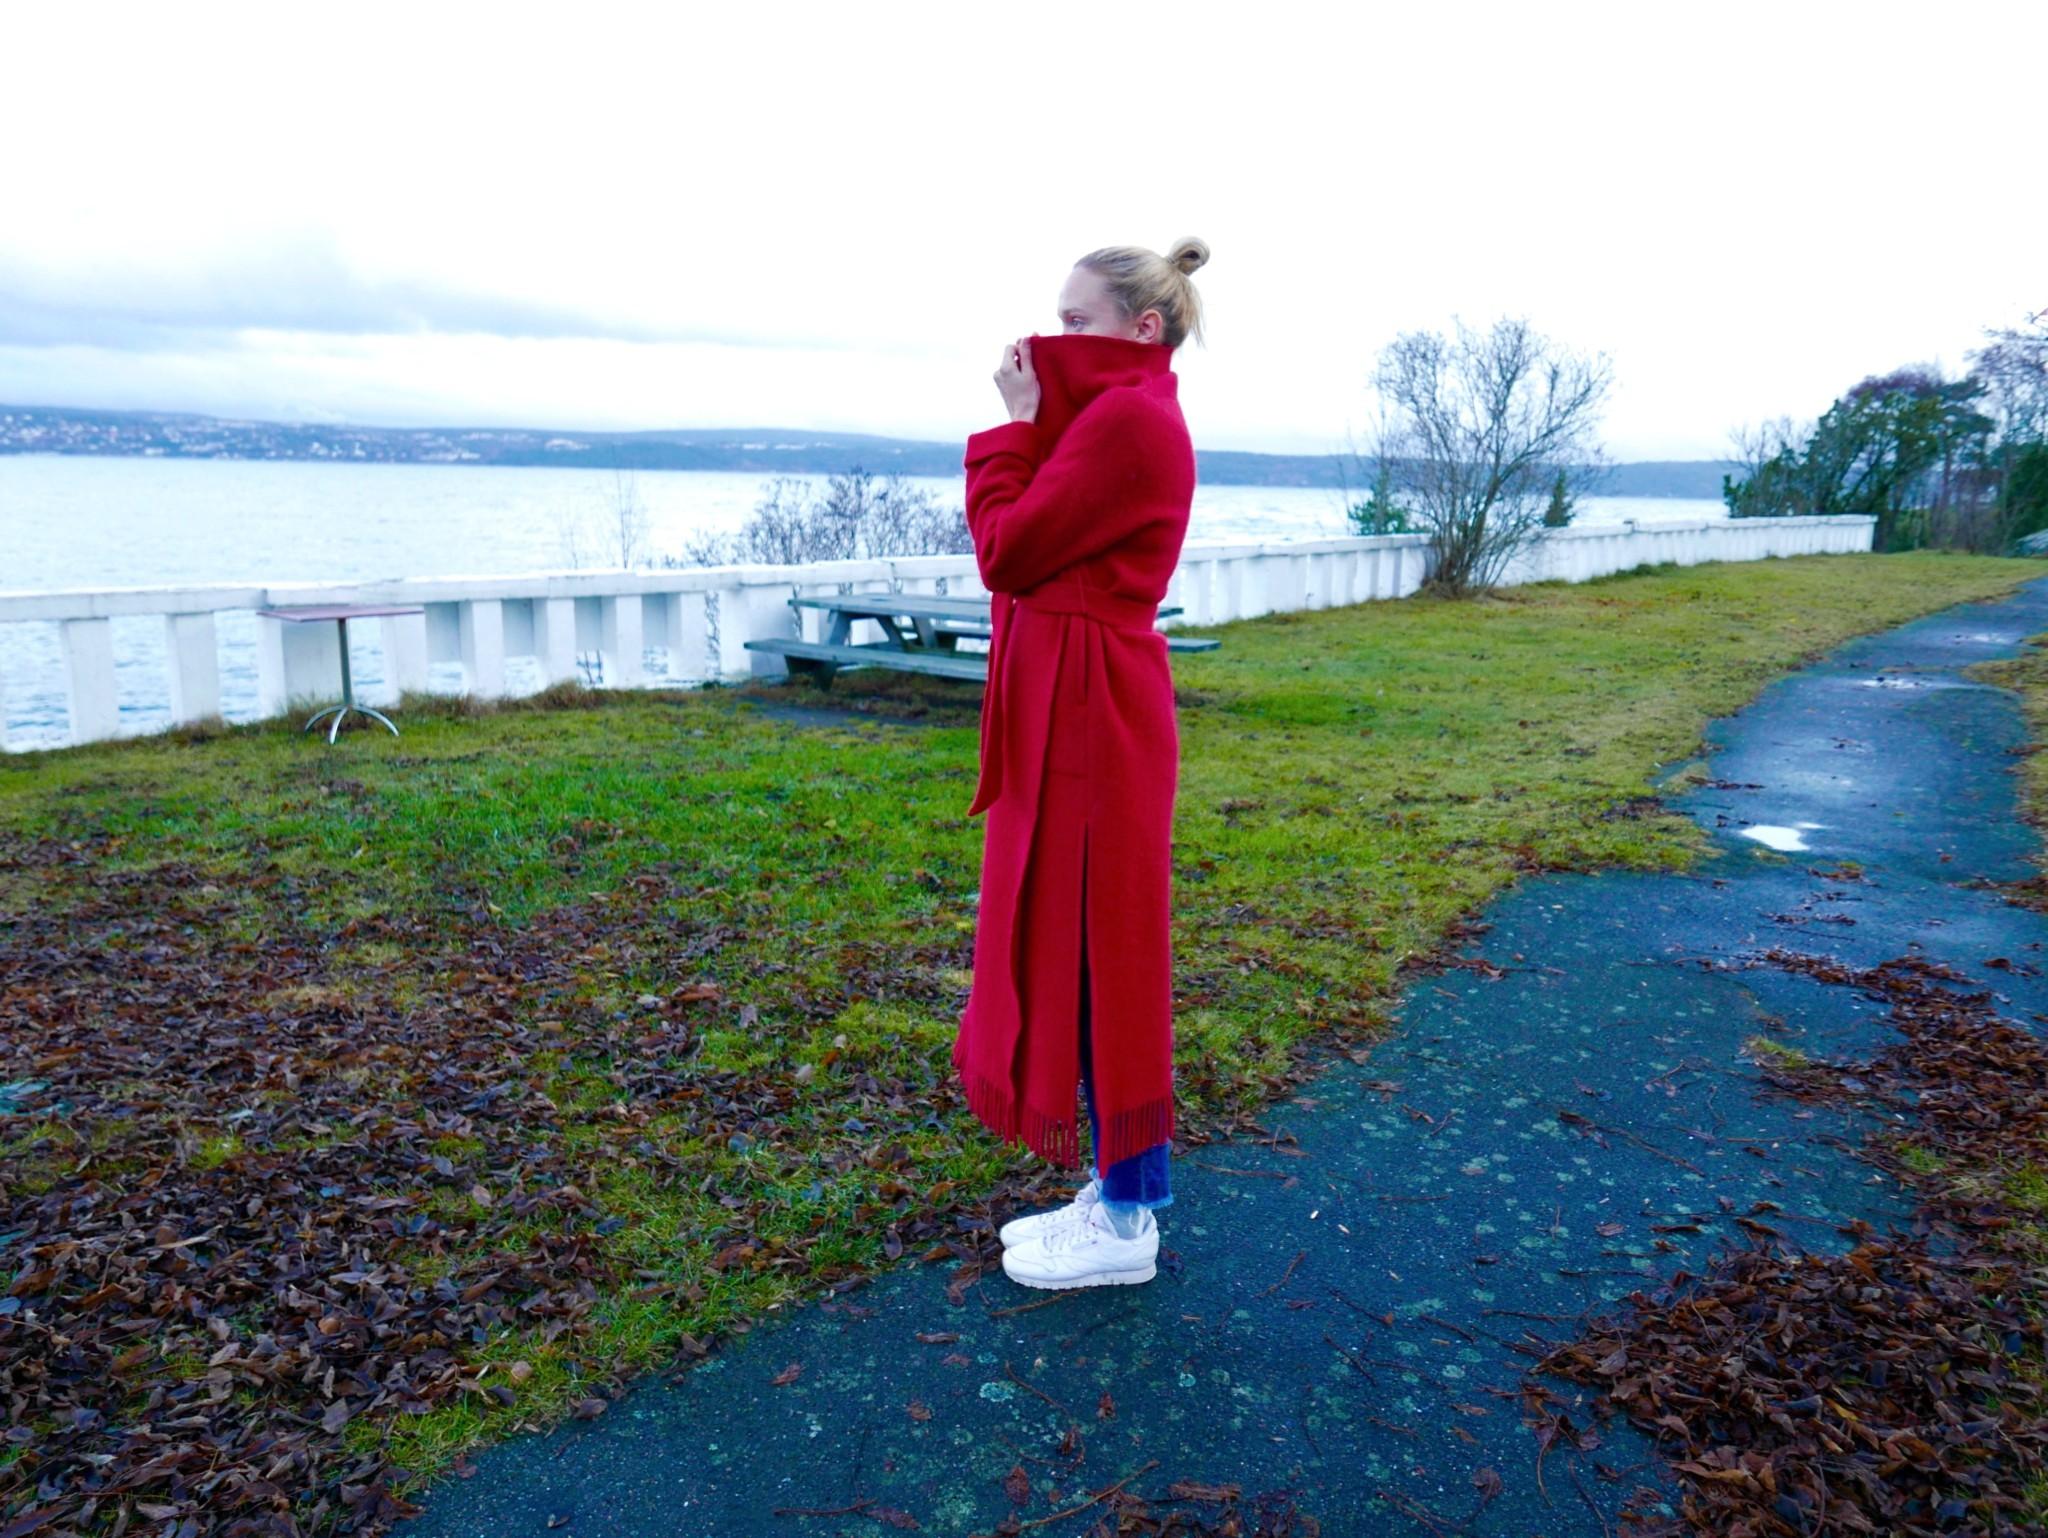 marianne-haugli-dancer-red-coat